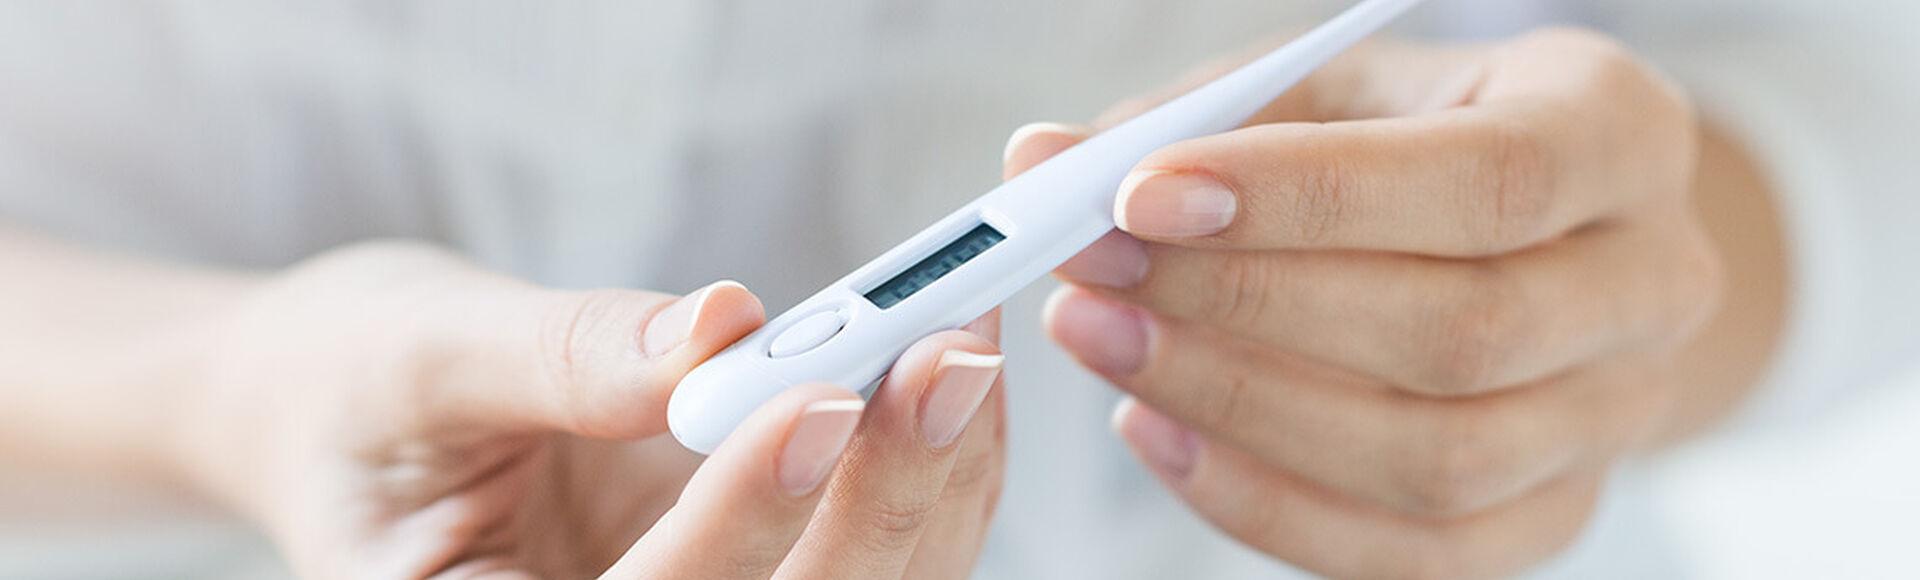 O feio está no estágio de ovulação